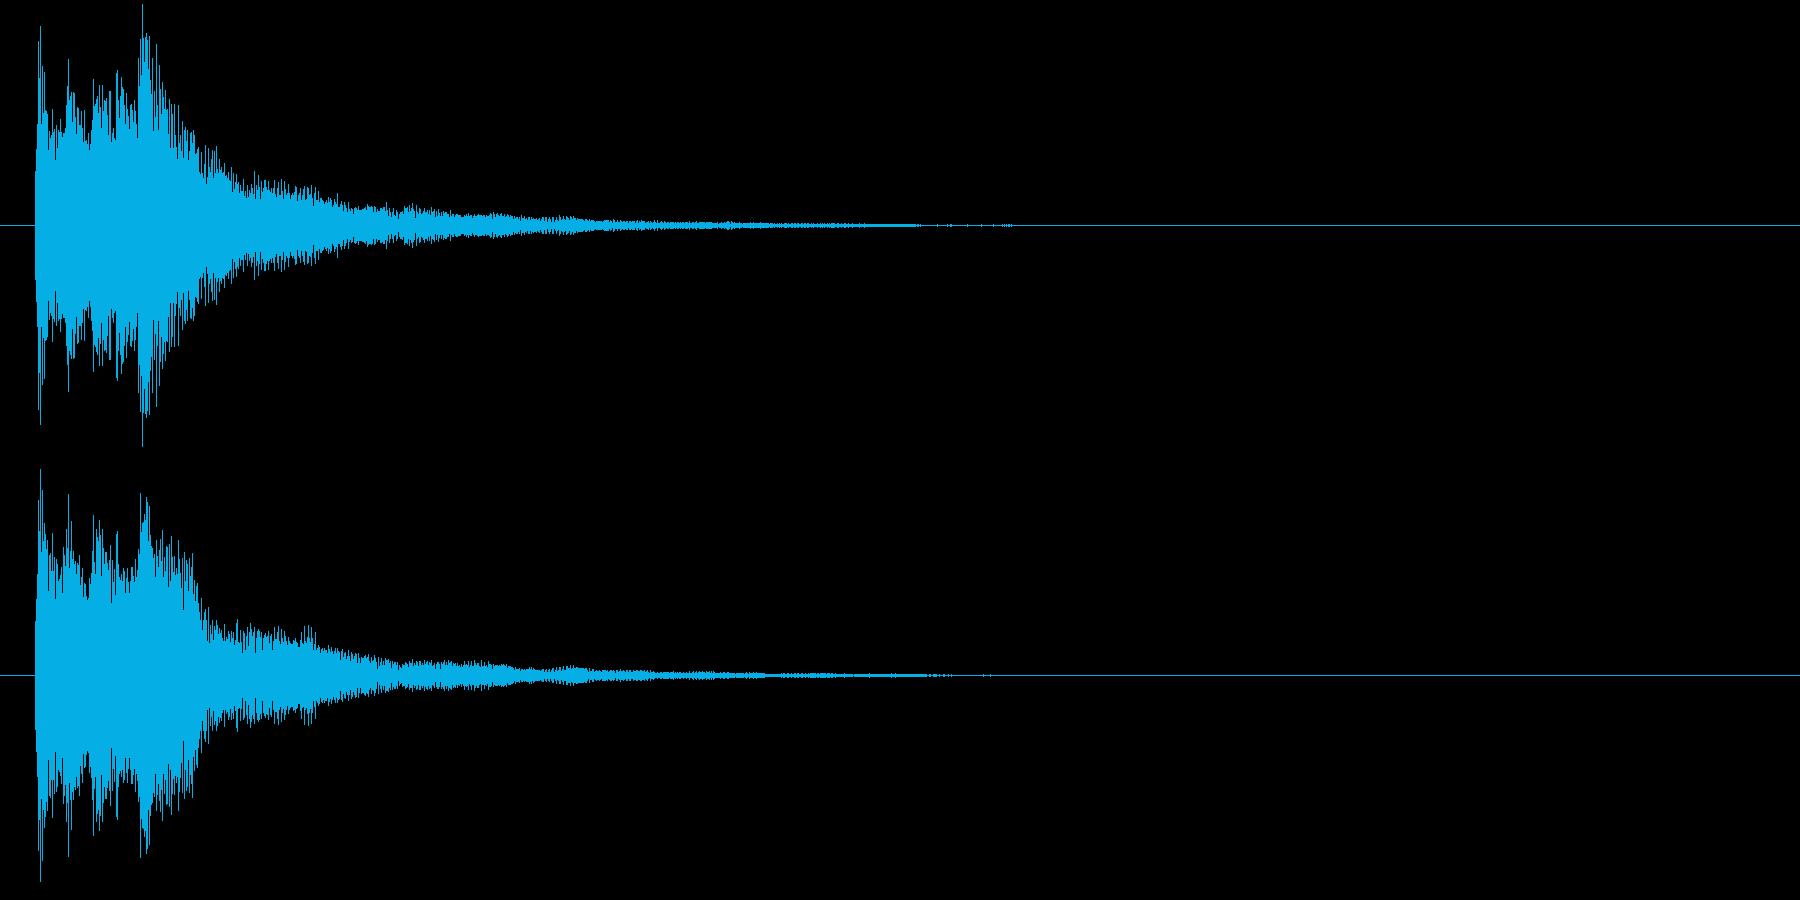 キラリン(レアアイテム・発見・クリア)の再生済みの波形